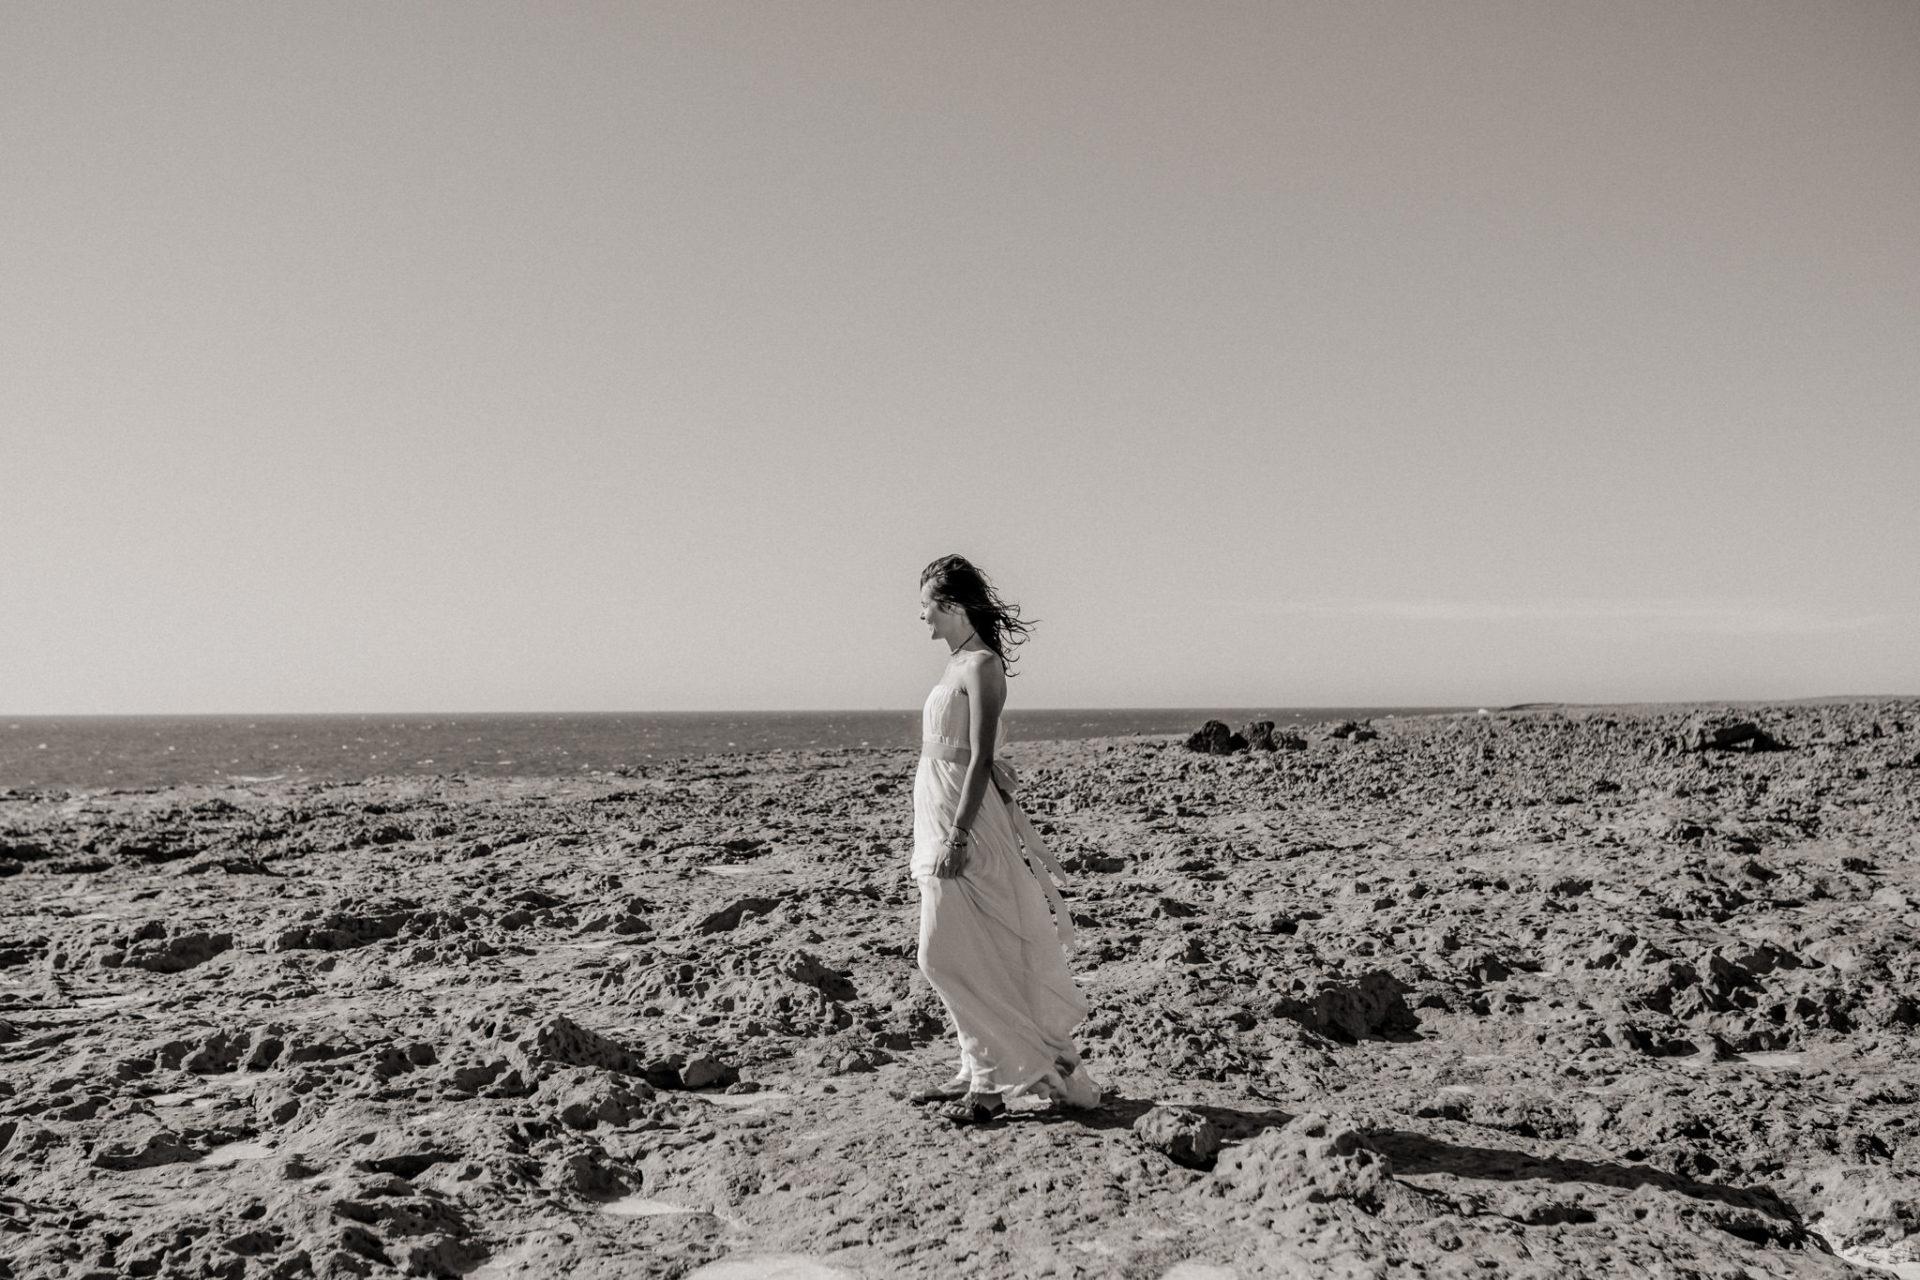 Hochzeitsfotograf West Australien - Maria Luise Bauer Photography